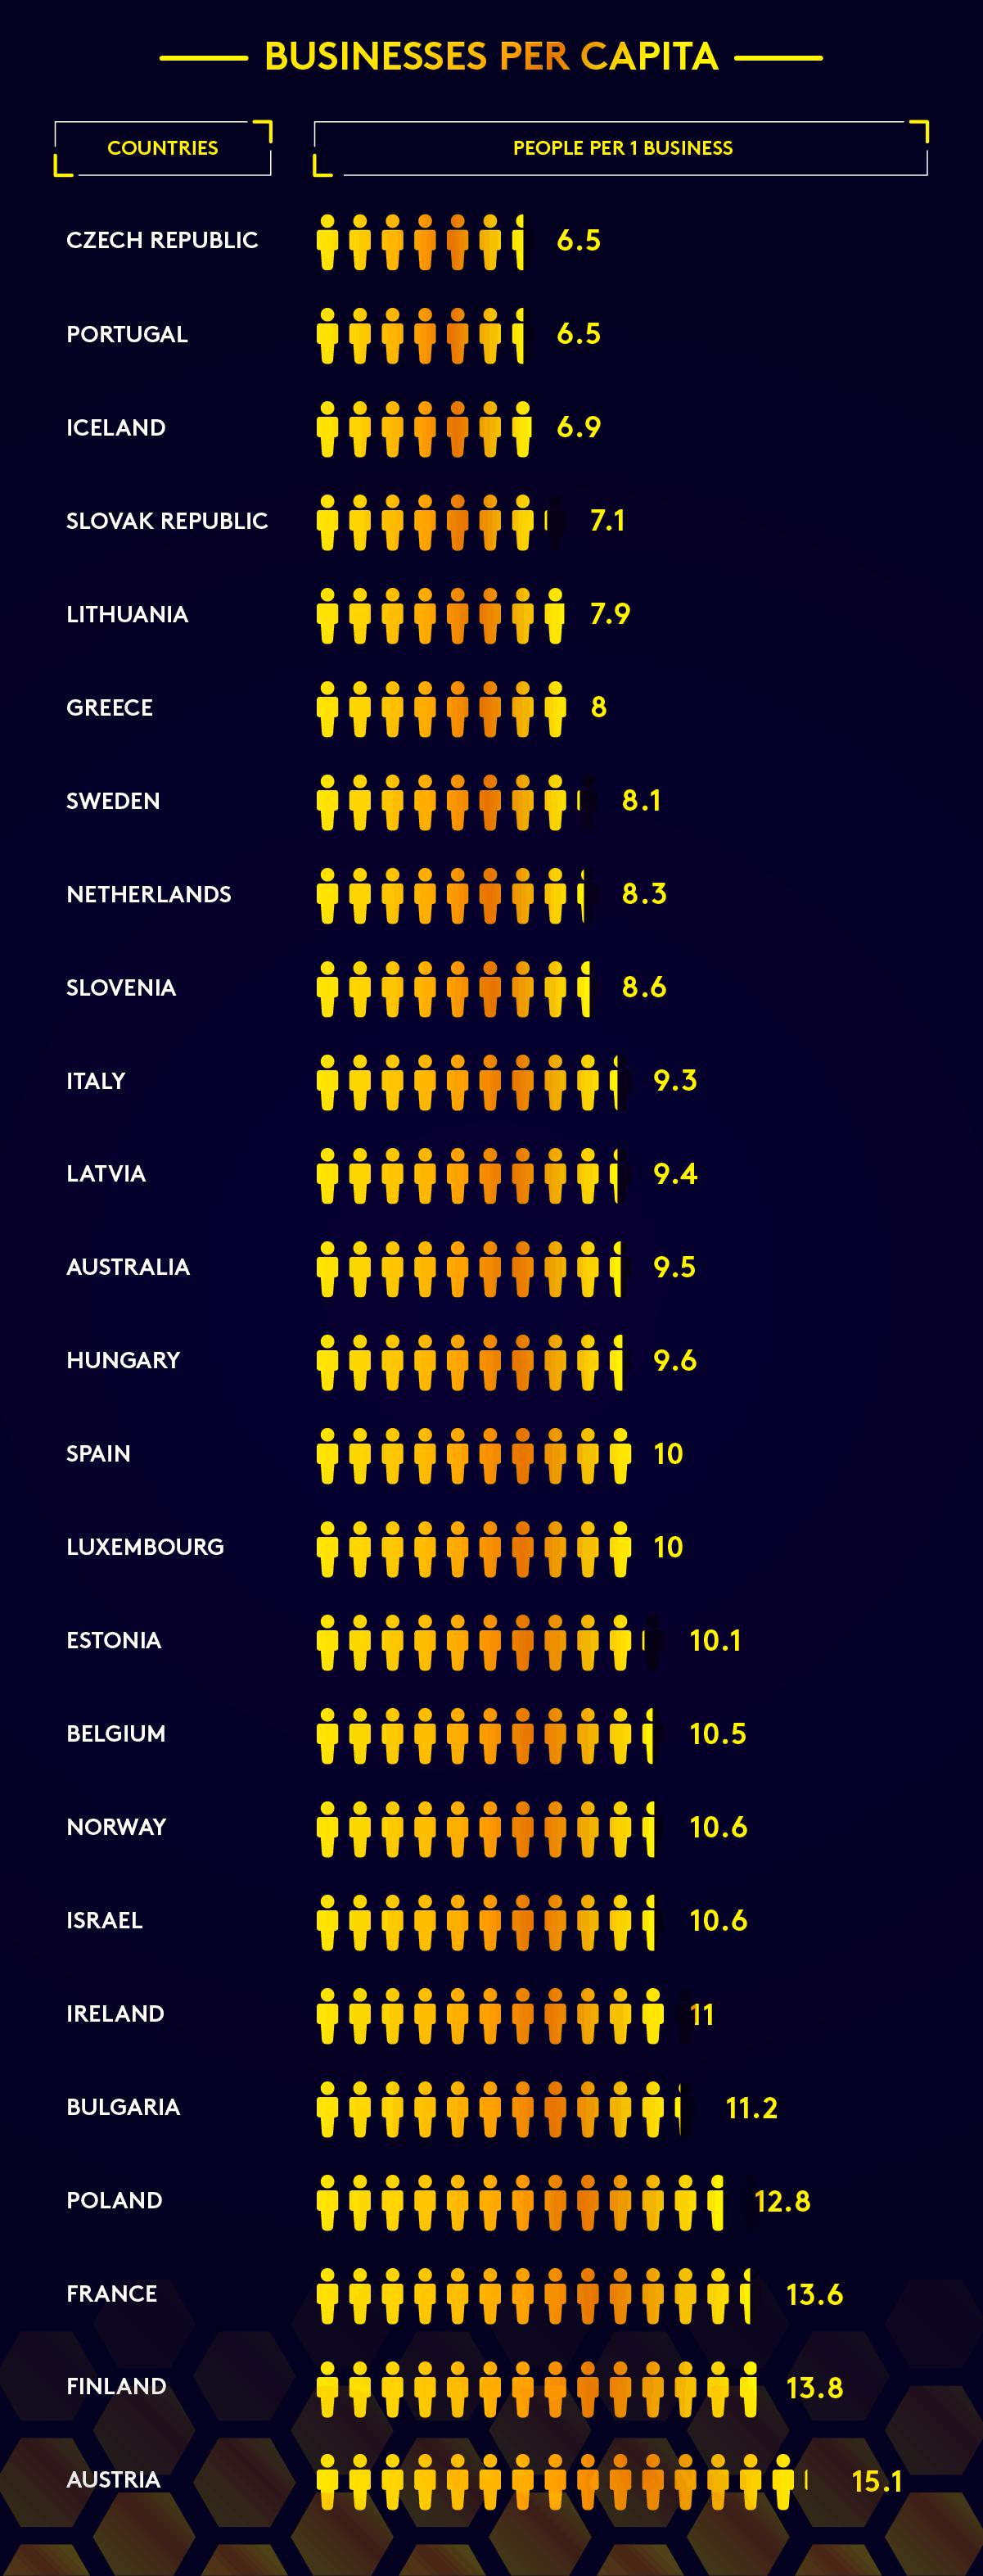 Businesses Per Capita